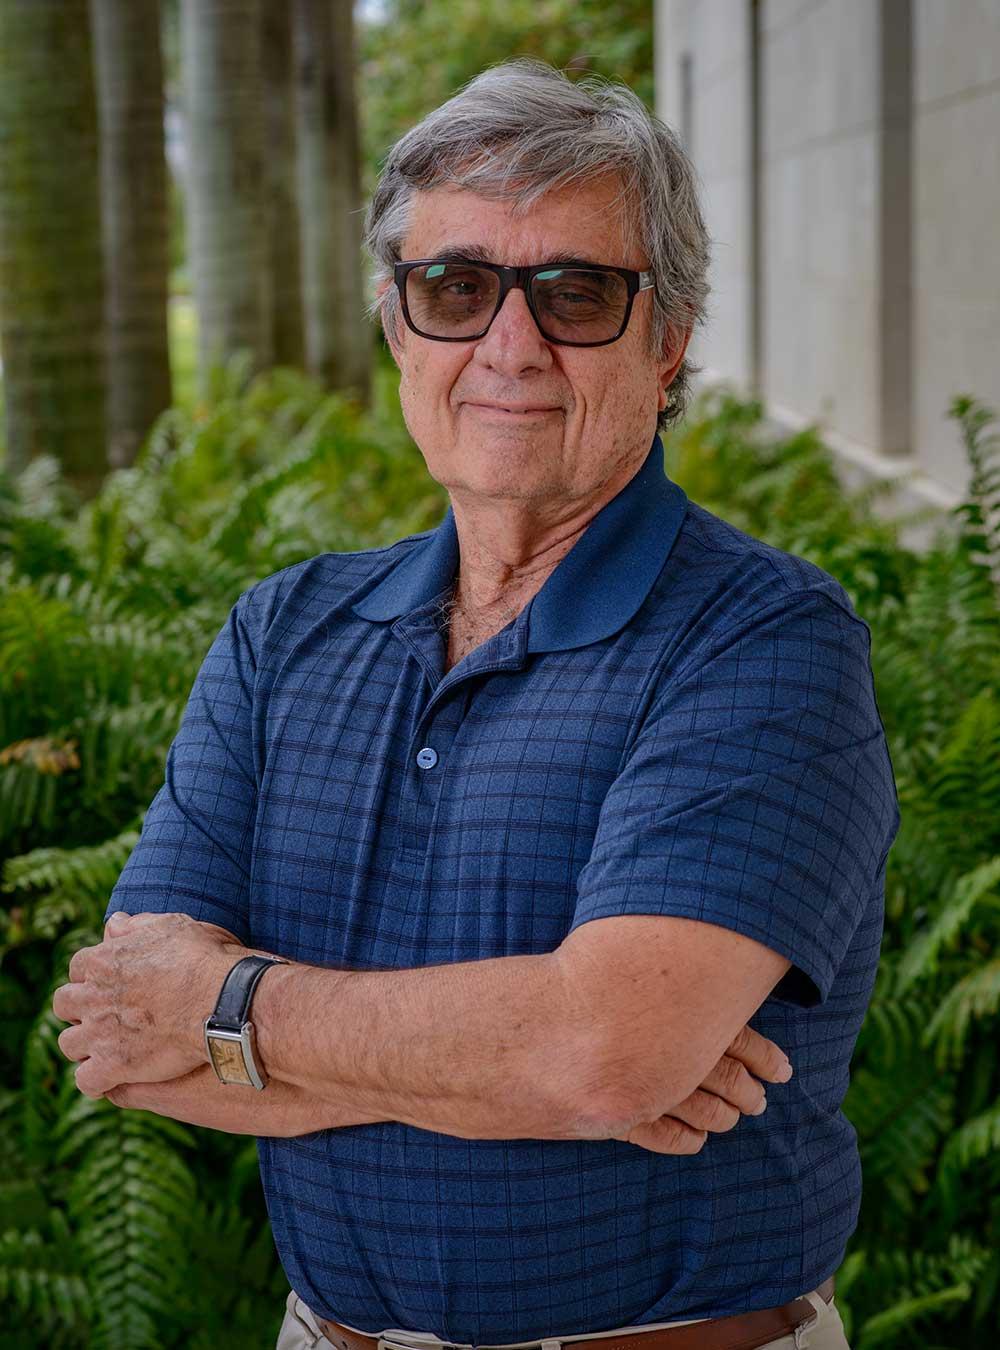 Portrait of Edward J. Blanco